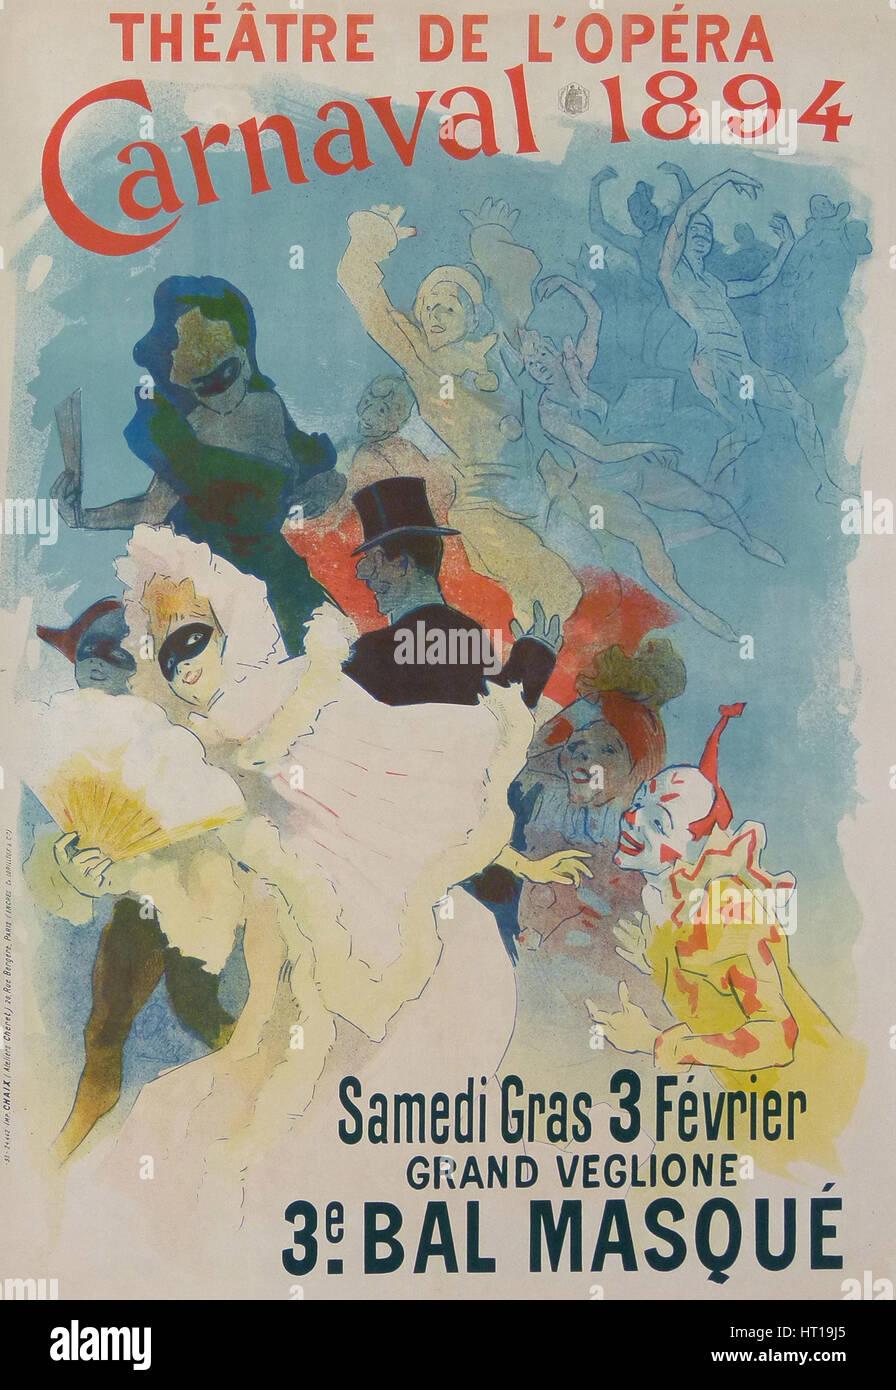 Théâtre de l?Opéra, Carnaval 1894, 1894. Artist: Chéret, Jules (1836-1932) - Stock Image